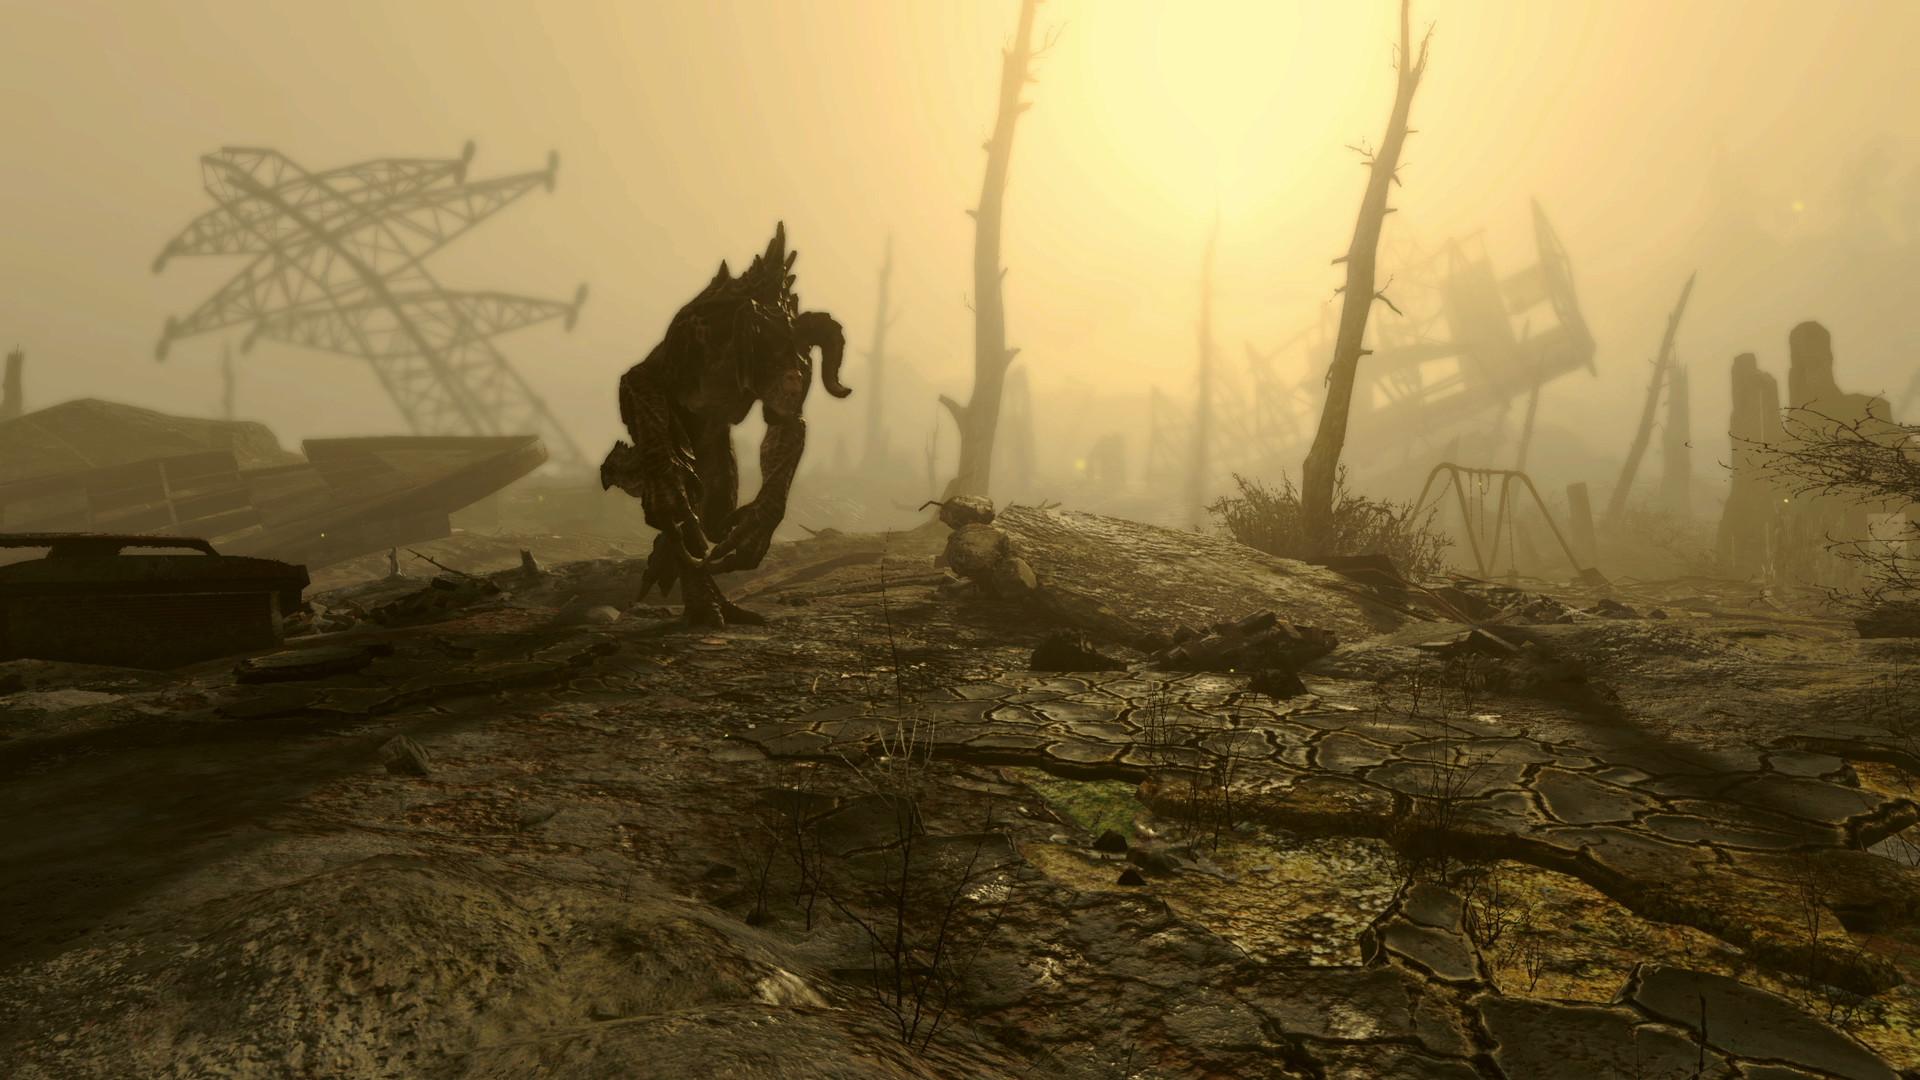 Fallout 4 ESPAÑOL PC Full + Update v1.1.30 (CODEX) + REPACK 5 DVD5 (JPW) 2